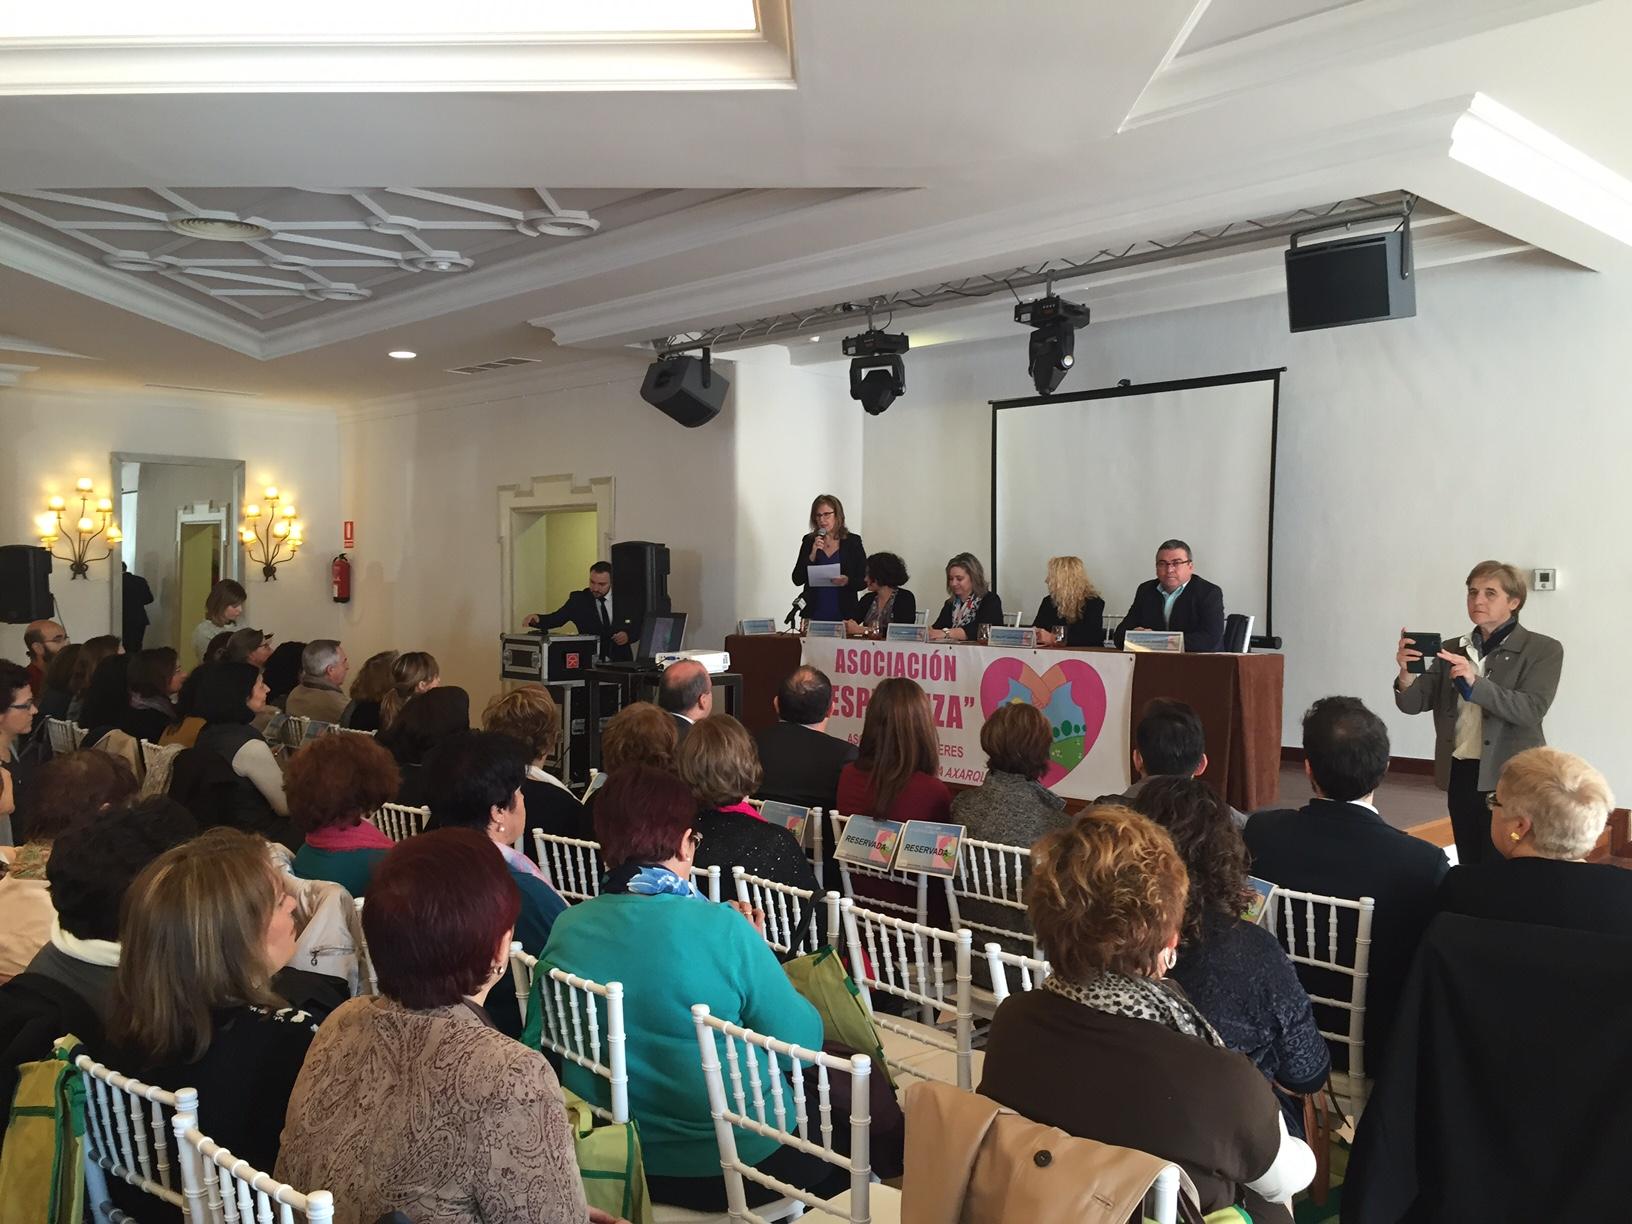 El Área Sanitaria Este de Málaga-Axarquía acoge la I Jornada sobre Estilos de Vida Saludable en Cáncer de Mama